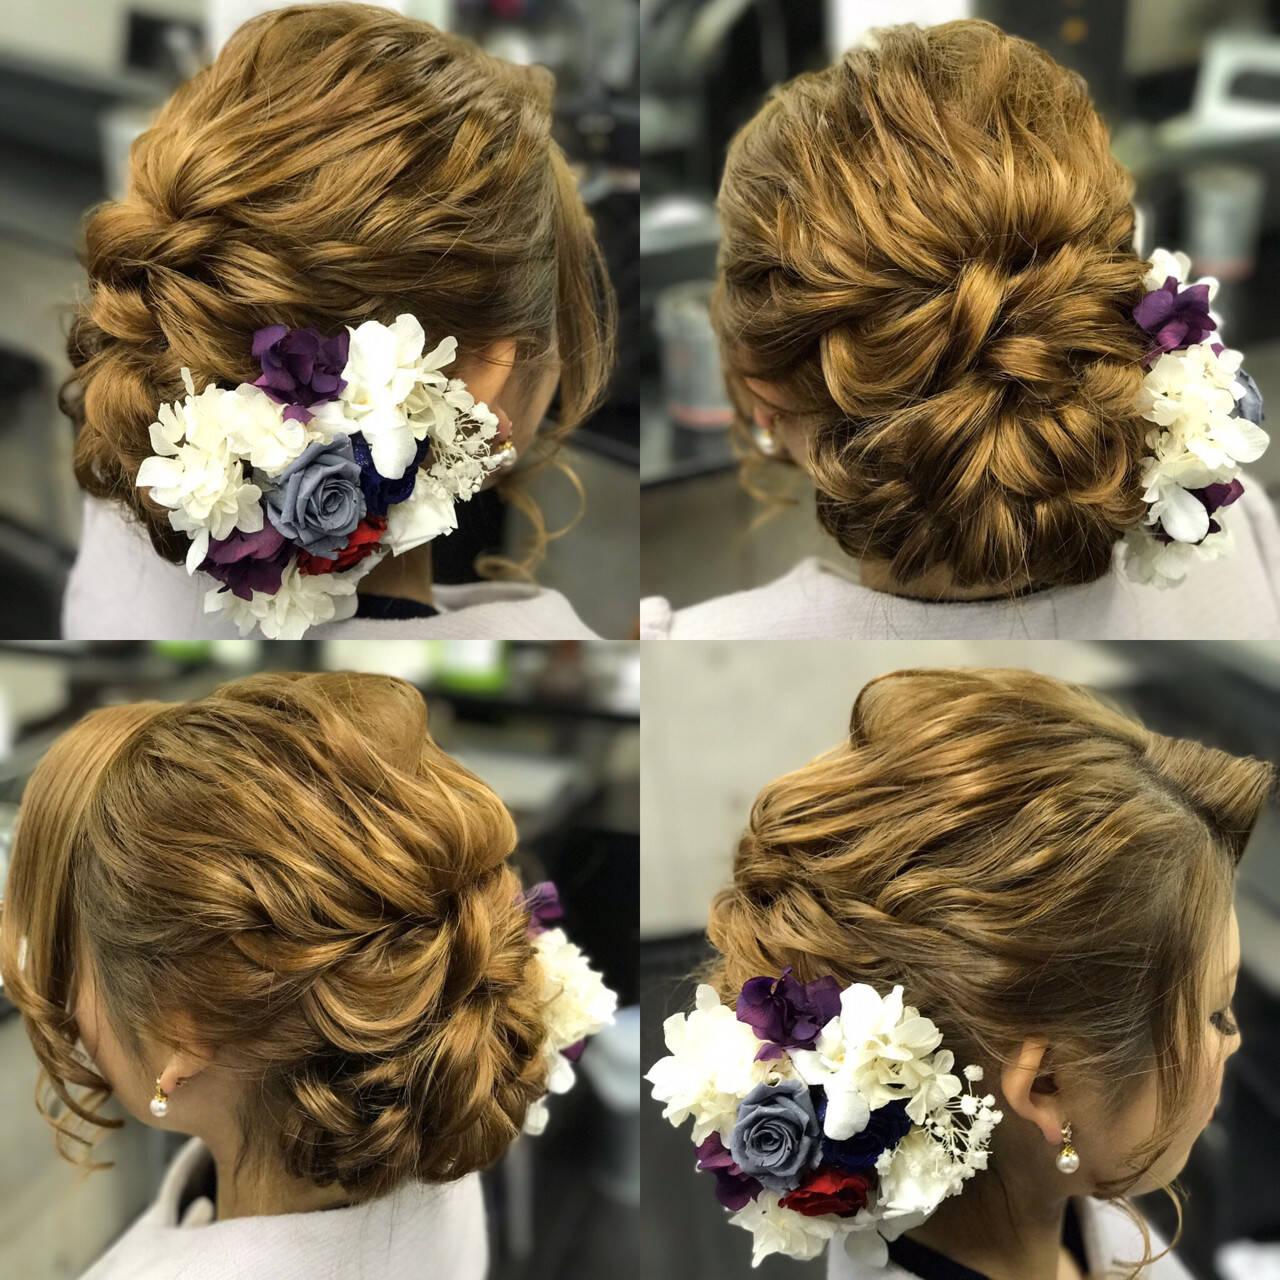 ヘアアレンジ アップスタイル ロング ゆるふわヘアスタイルや髪型の写真・画像